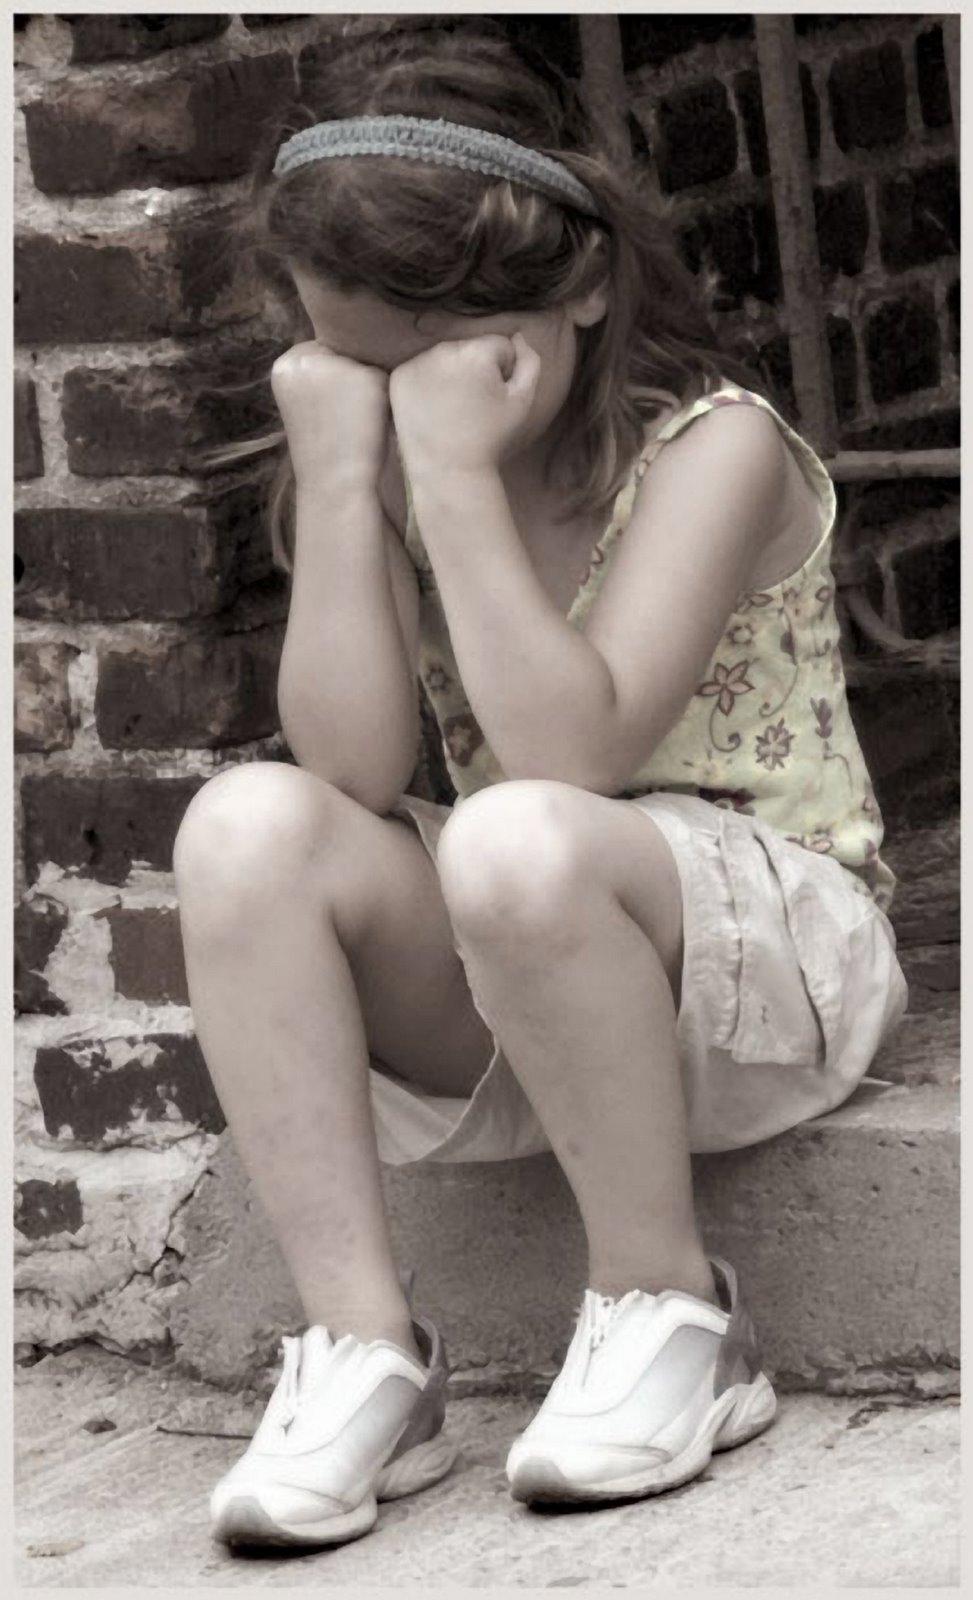 sad+girl+crying (image...